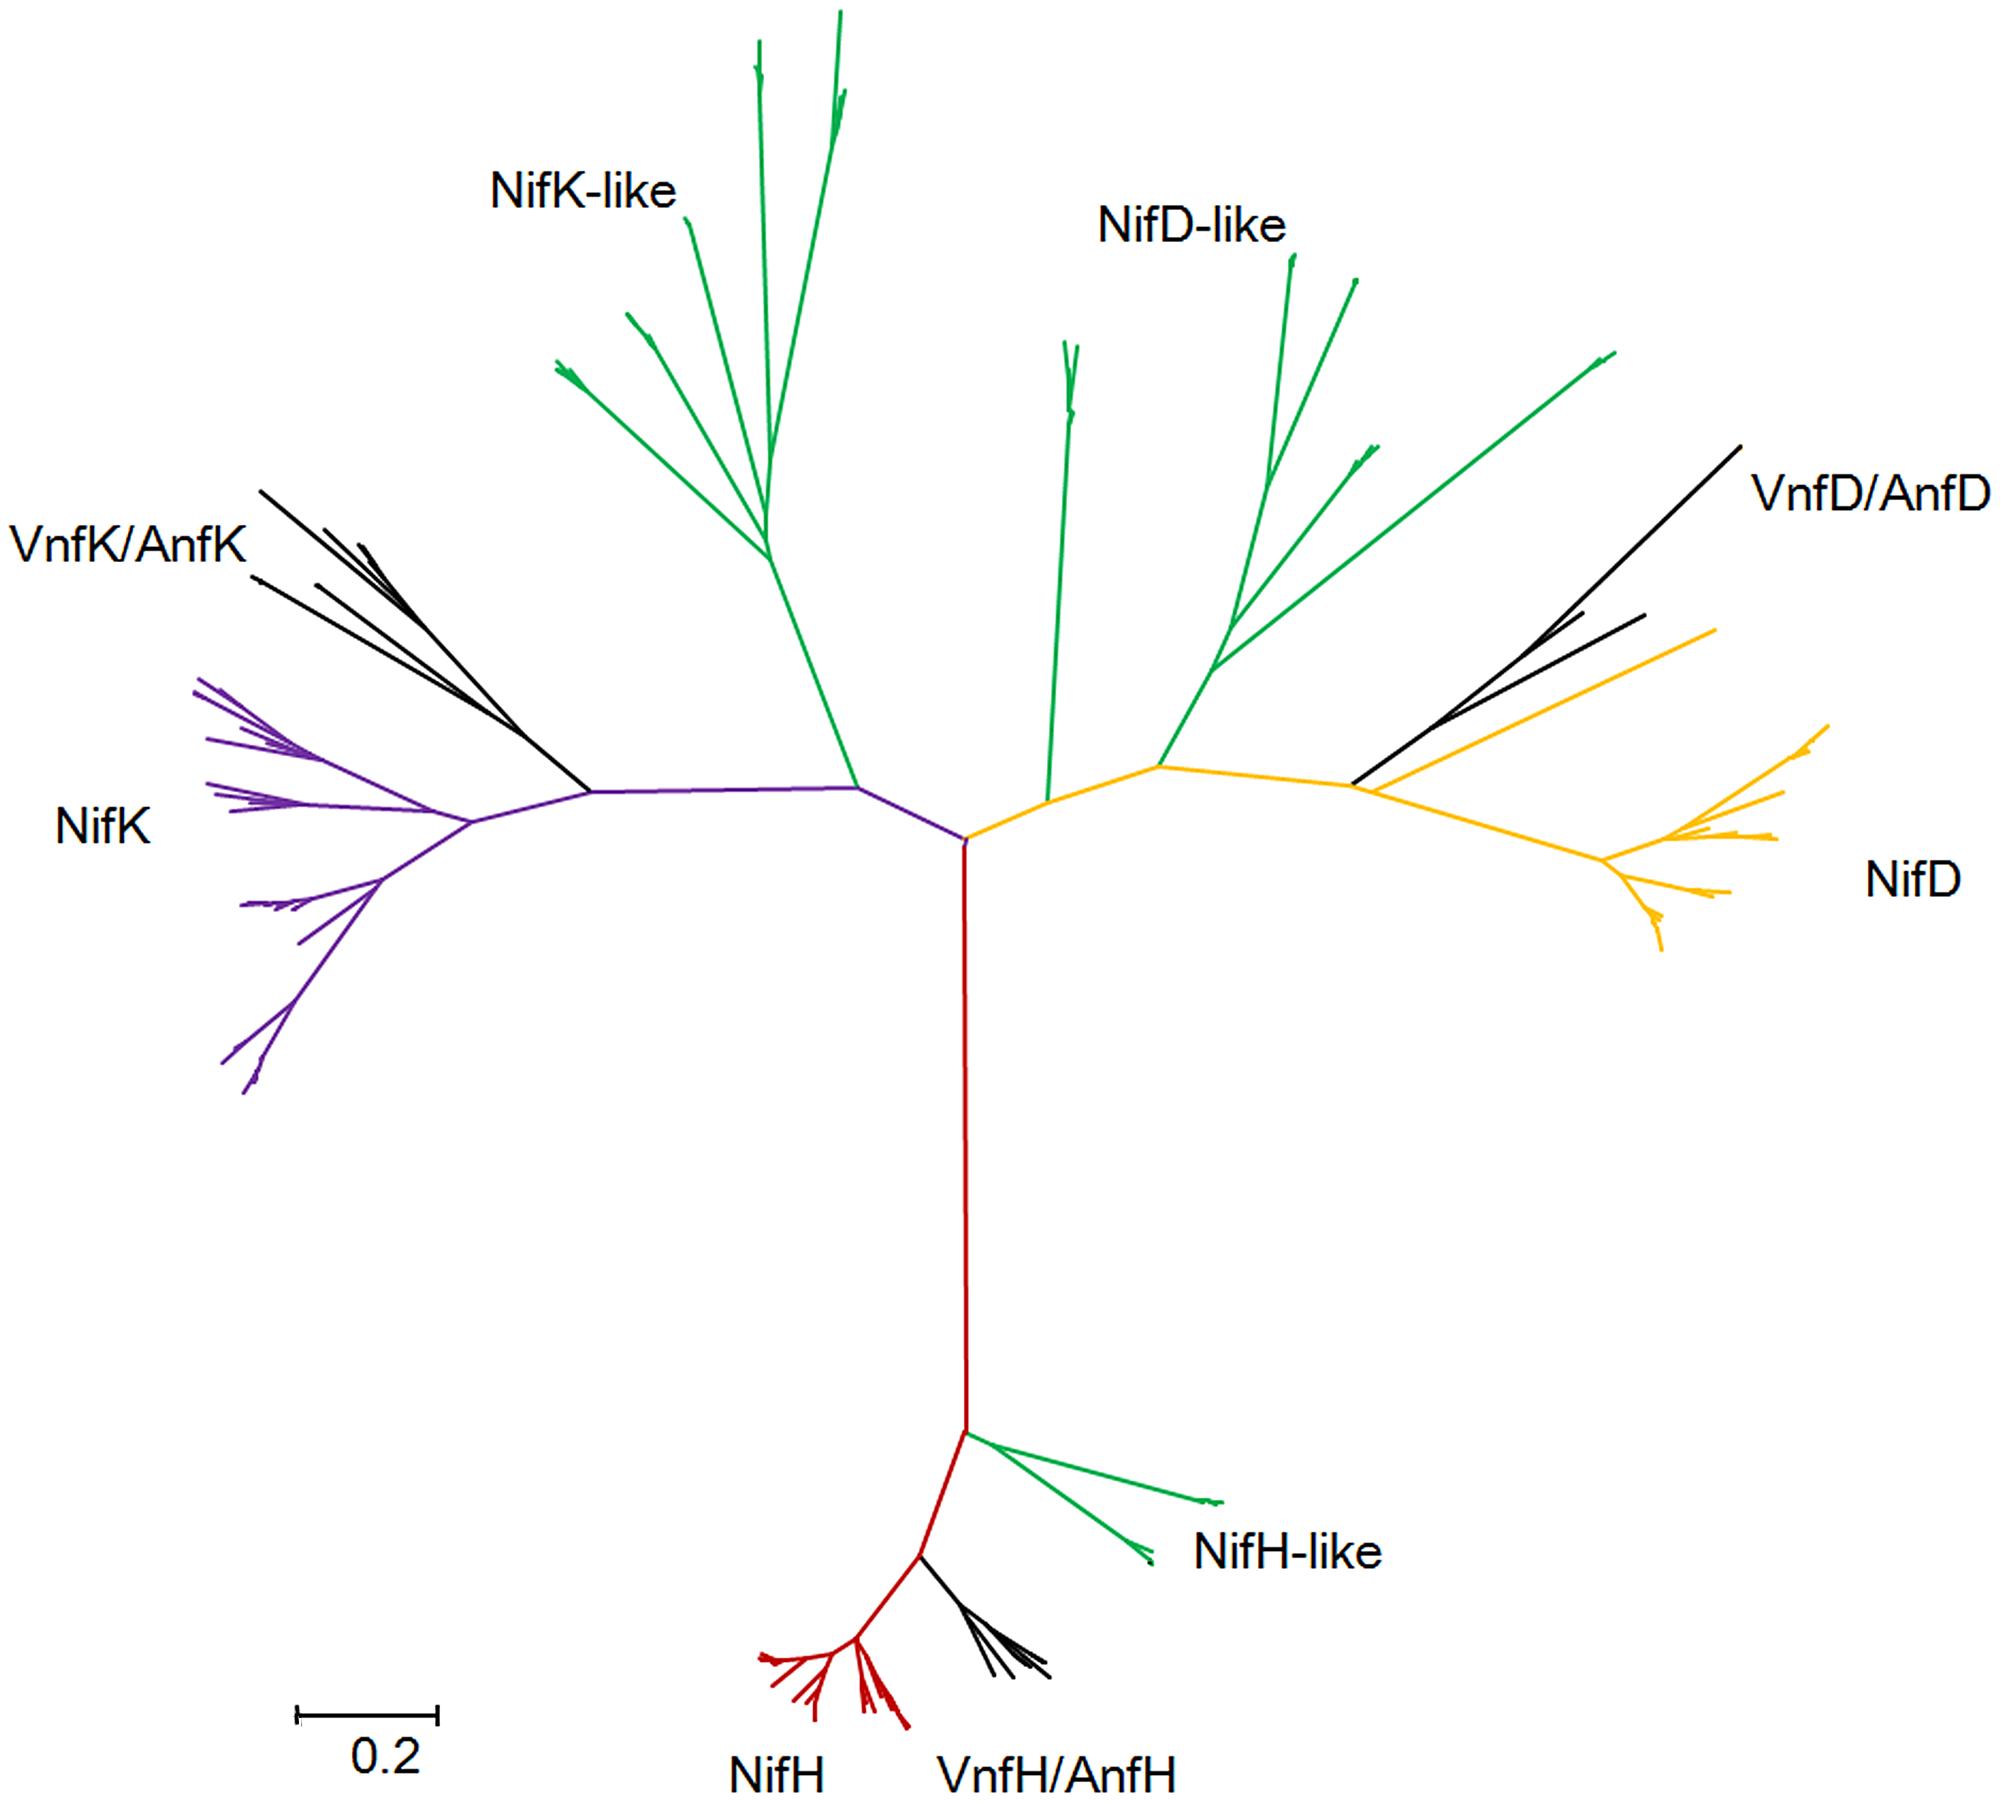 Maximum-likelihood phylogenetic tree of Mo-, Fe- and V-nitrogenases and nitrogenase-like sequences.